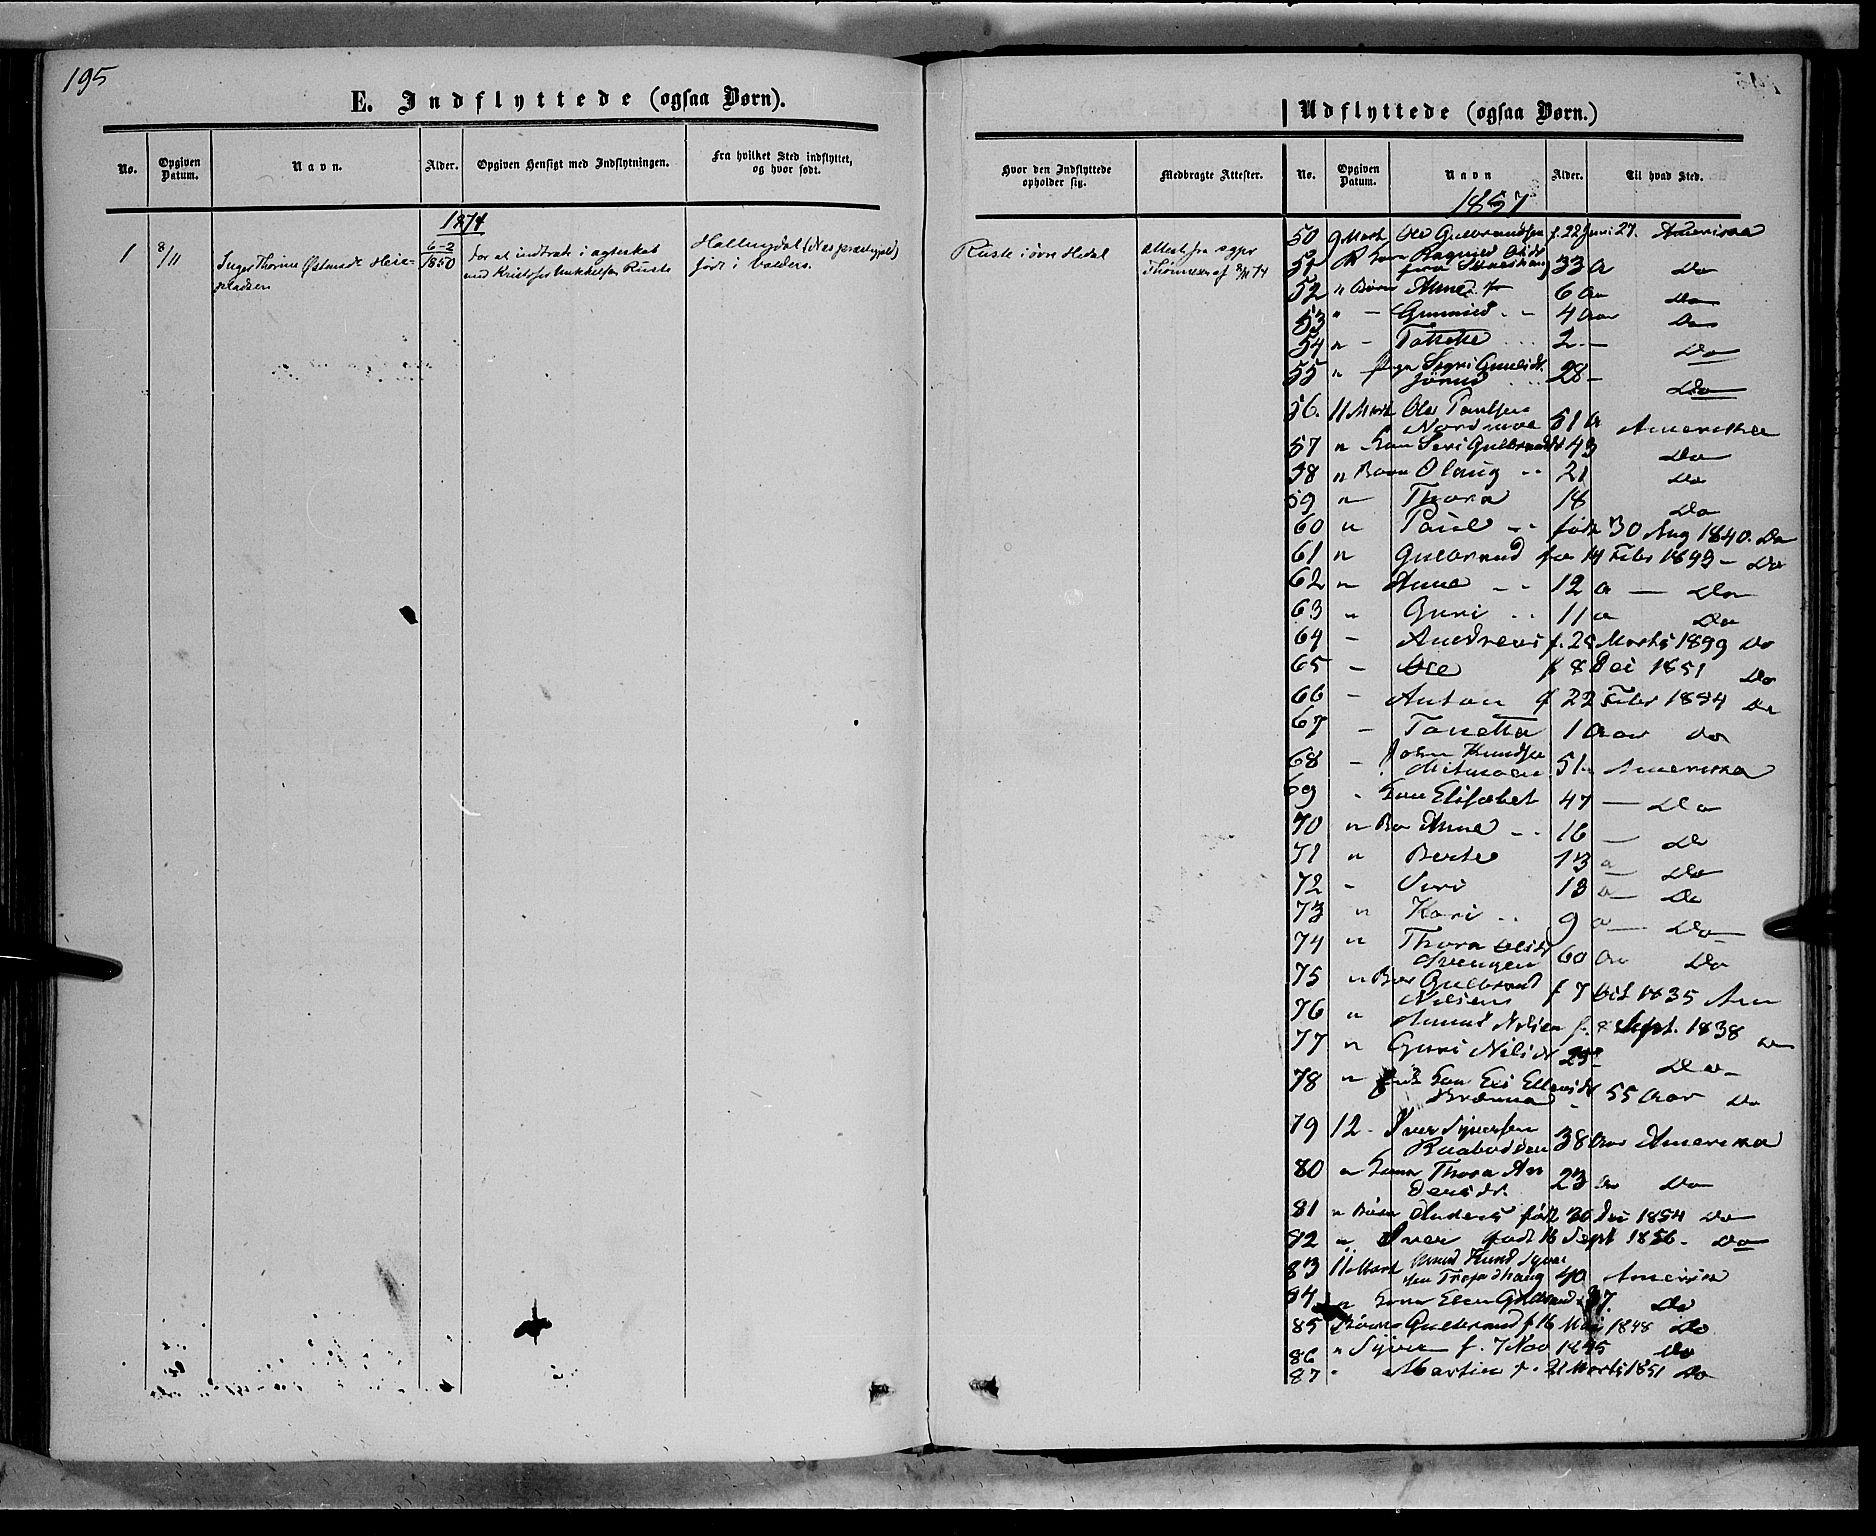 SAH, Sør-Aurdal prestekontor, Ministerialbok nr. 7, 1849-1876, s. 195